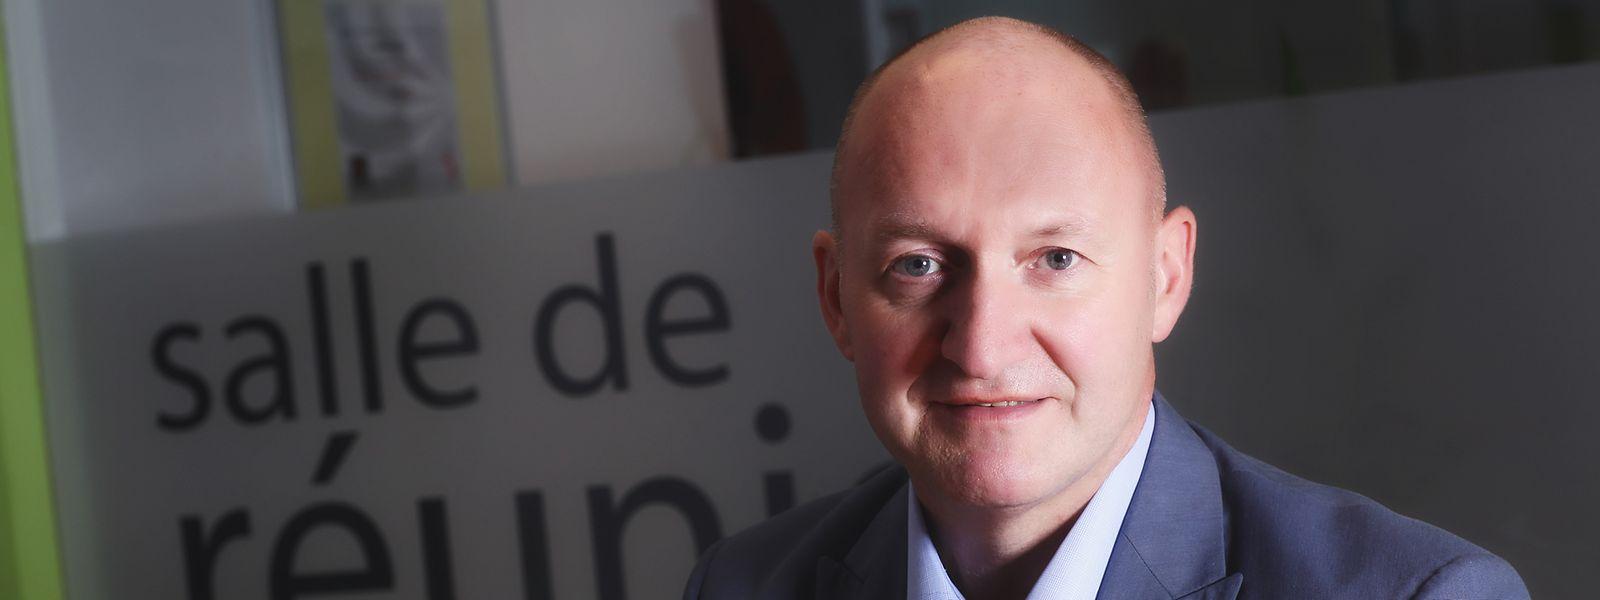 Philippe Ledent ne panique pas mais il est temps de prendre en compte ce risque dès maintenant.